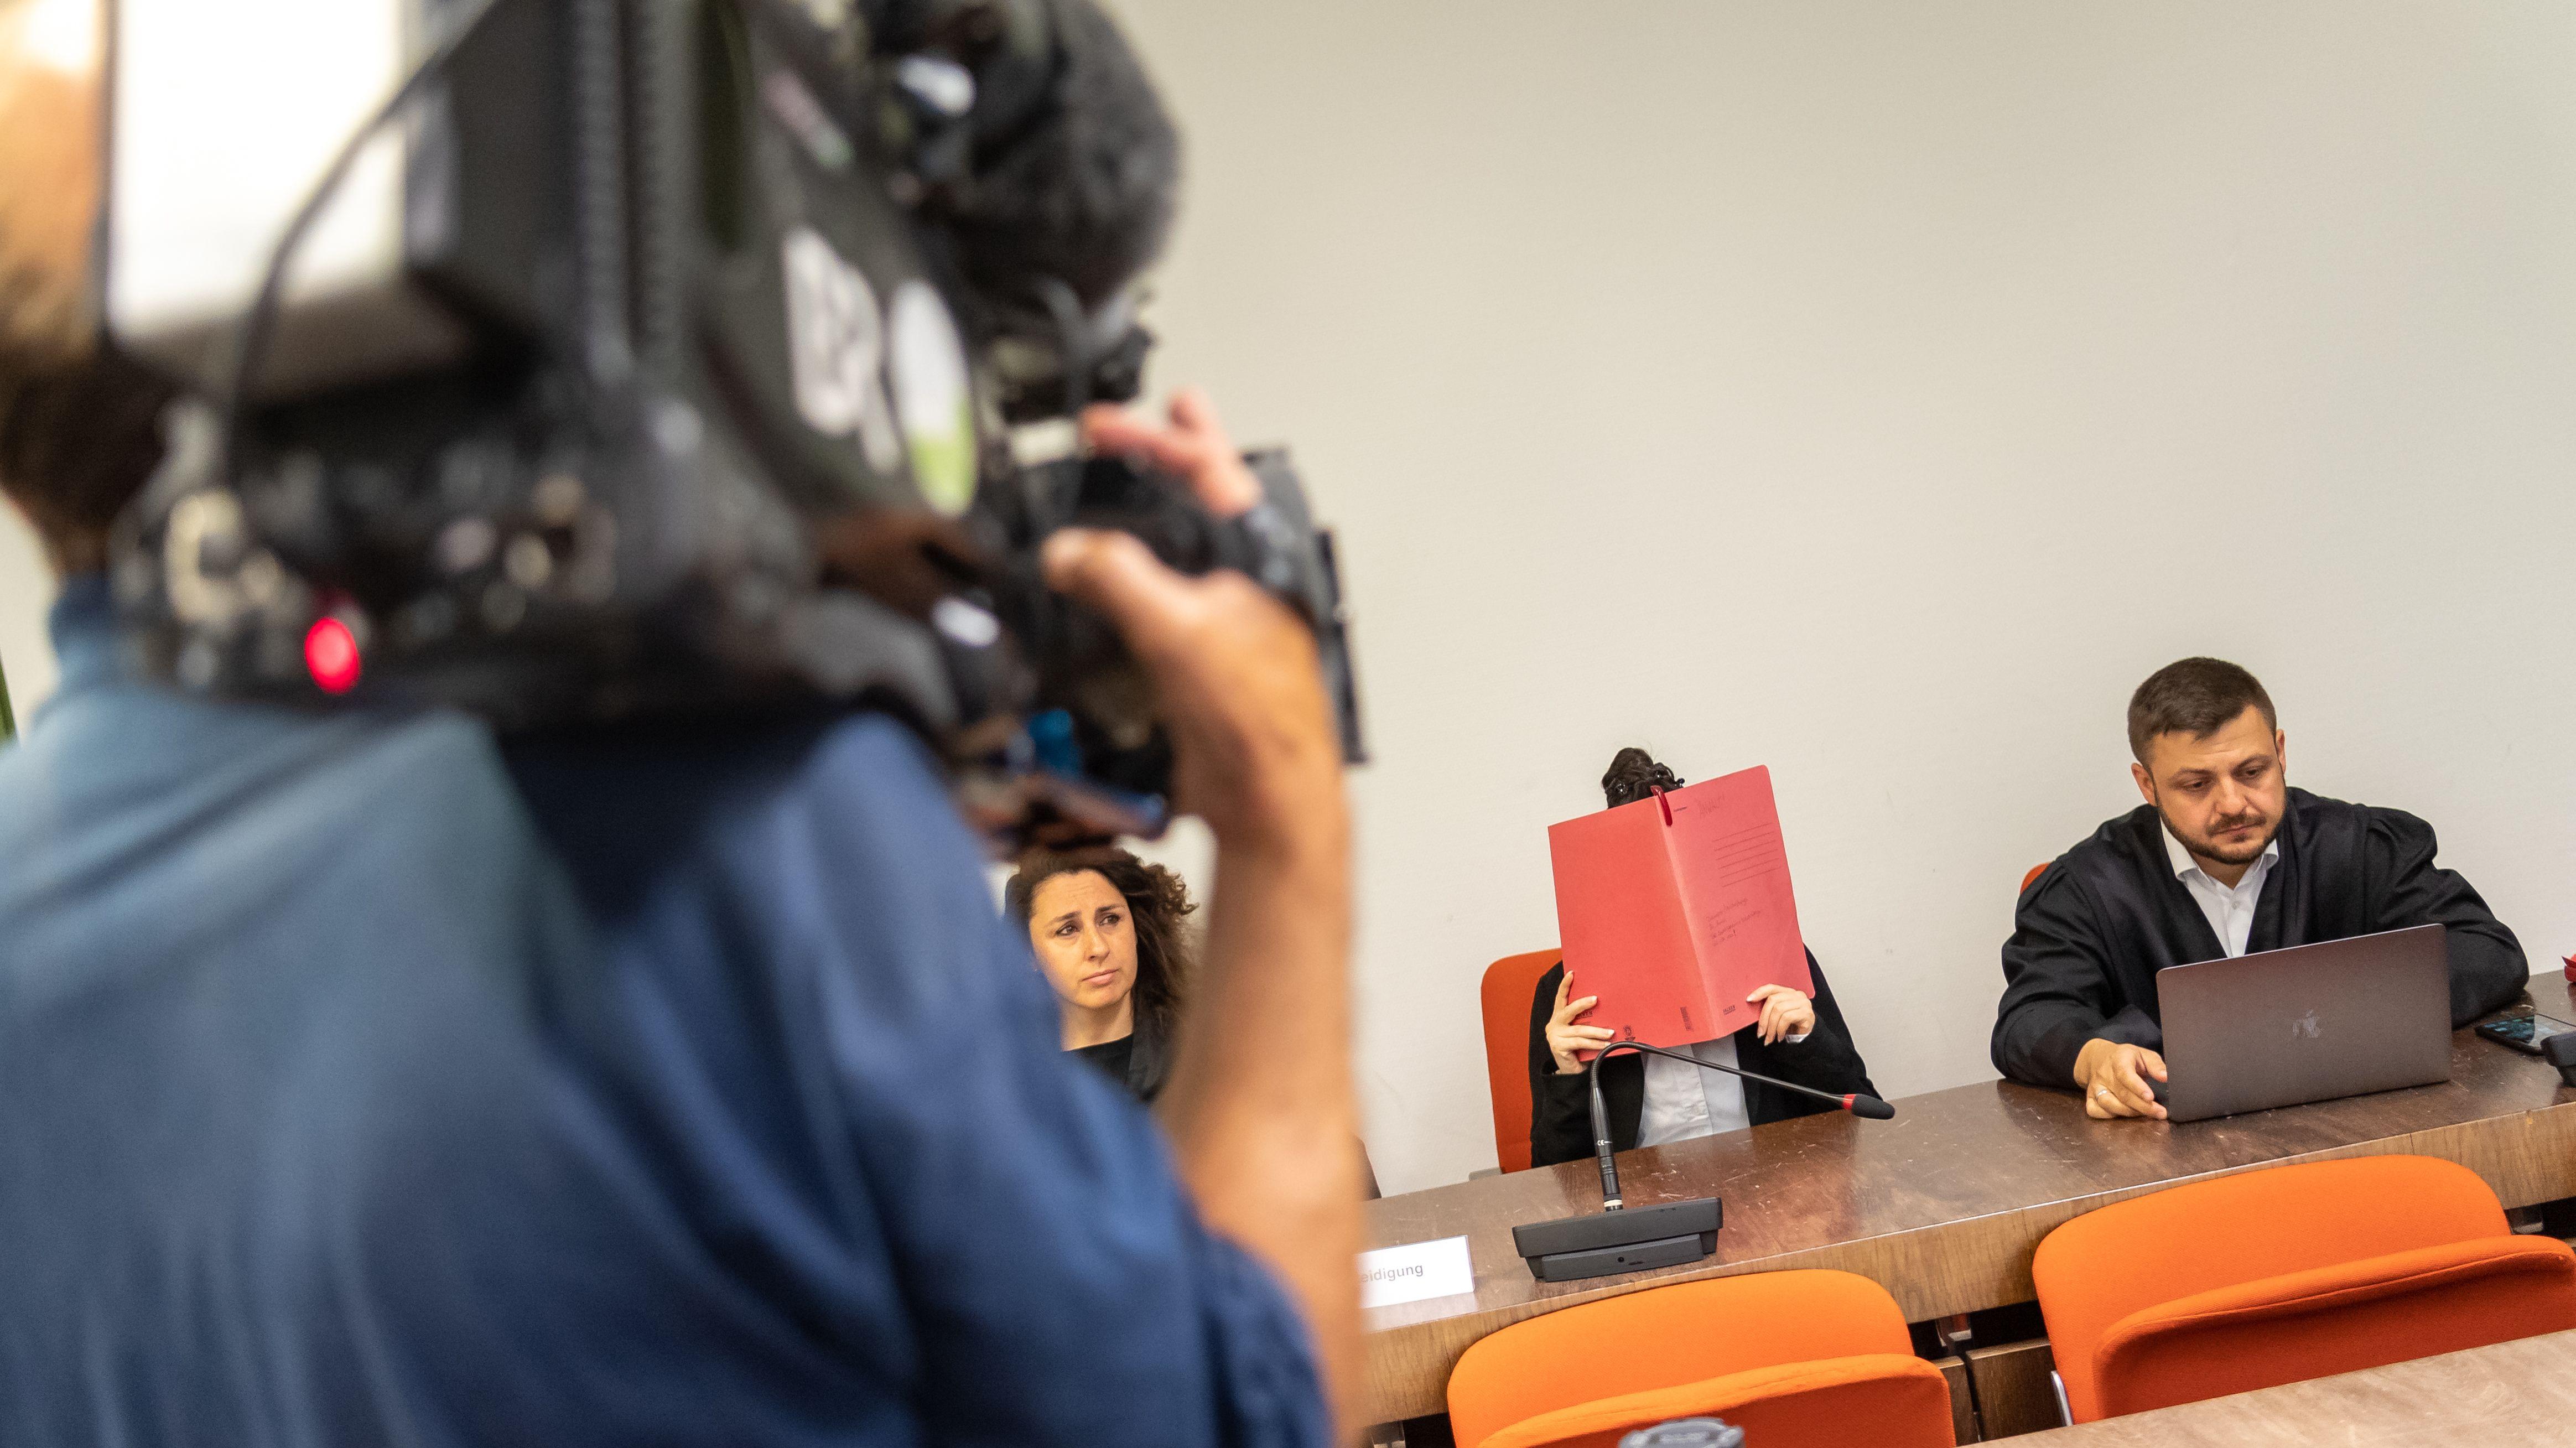 Jennifer W. soll während ihrer Zeit bei der Terrormiliz IS mitangesehen haben, wie ein fünfjähriges jesidisches Mädchen qualvoll verdurstete. Die mutmaßliche Mutter der Getöteten sagt nun vor Gericht aus.